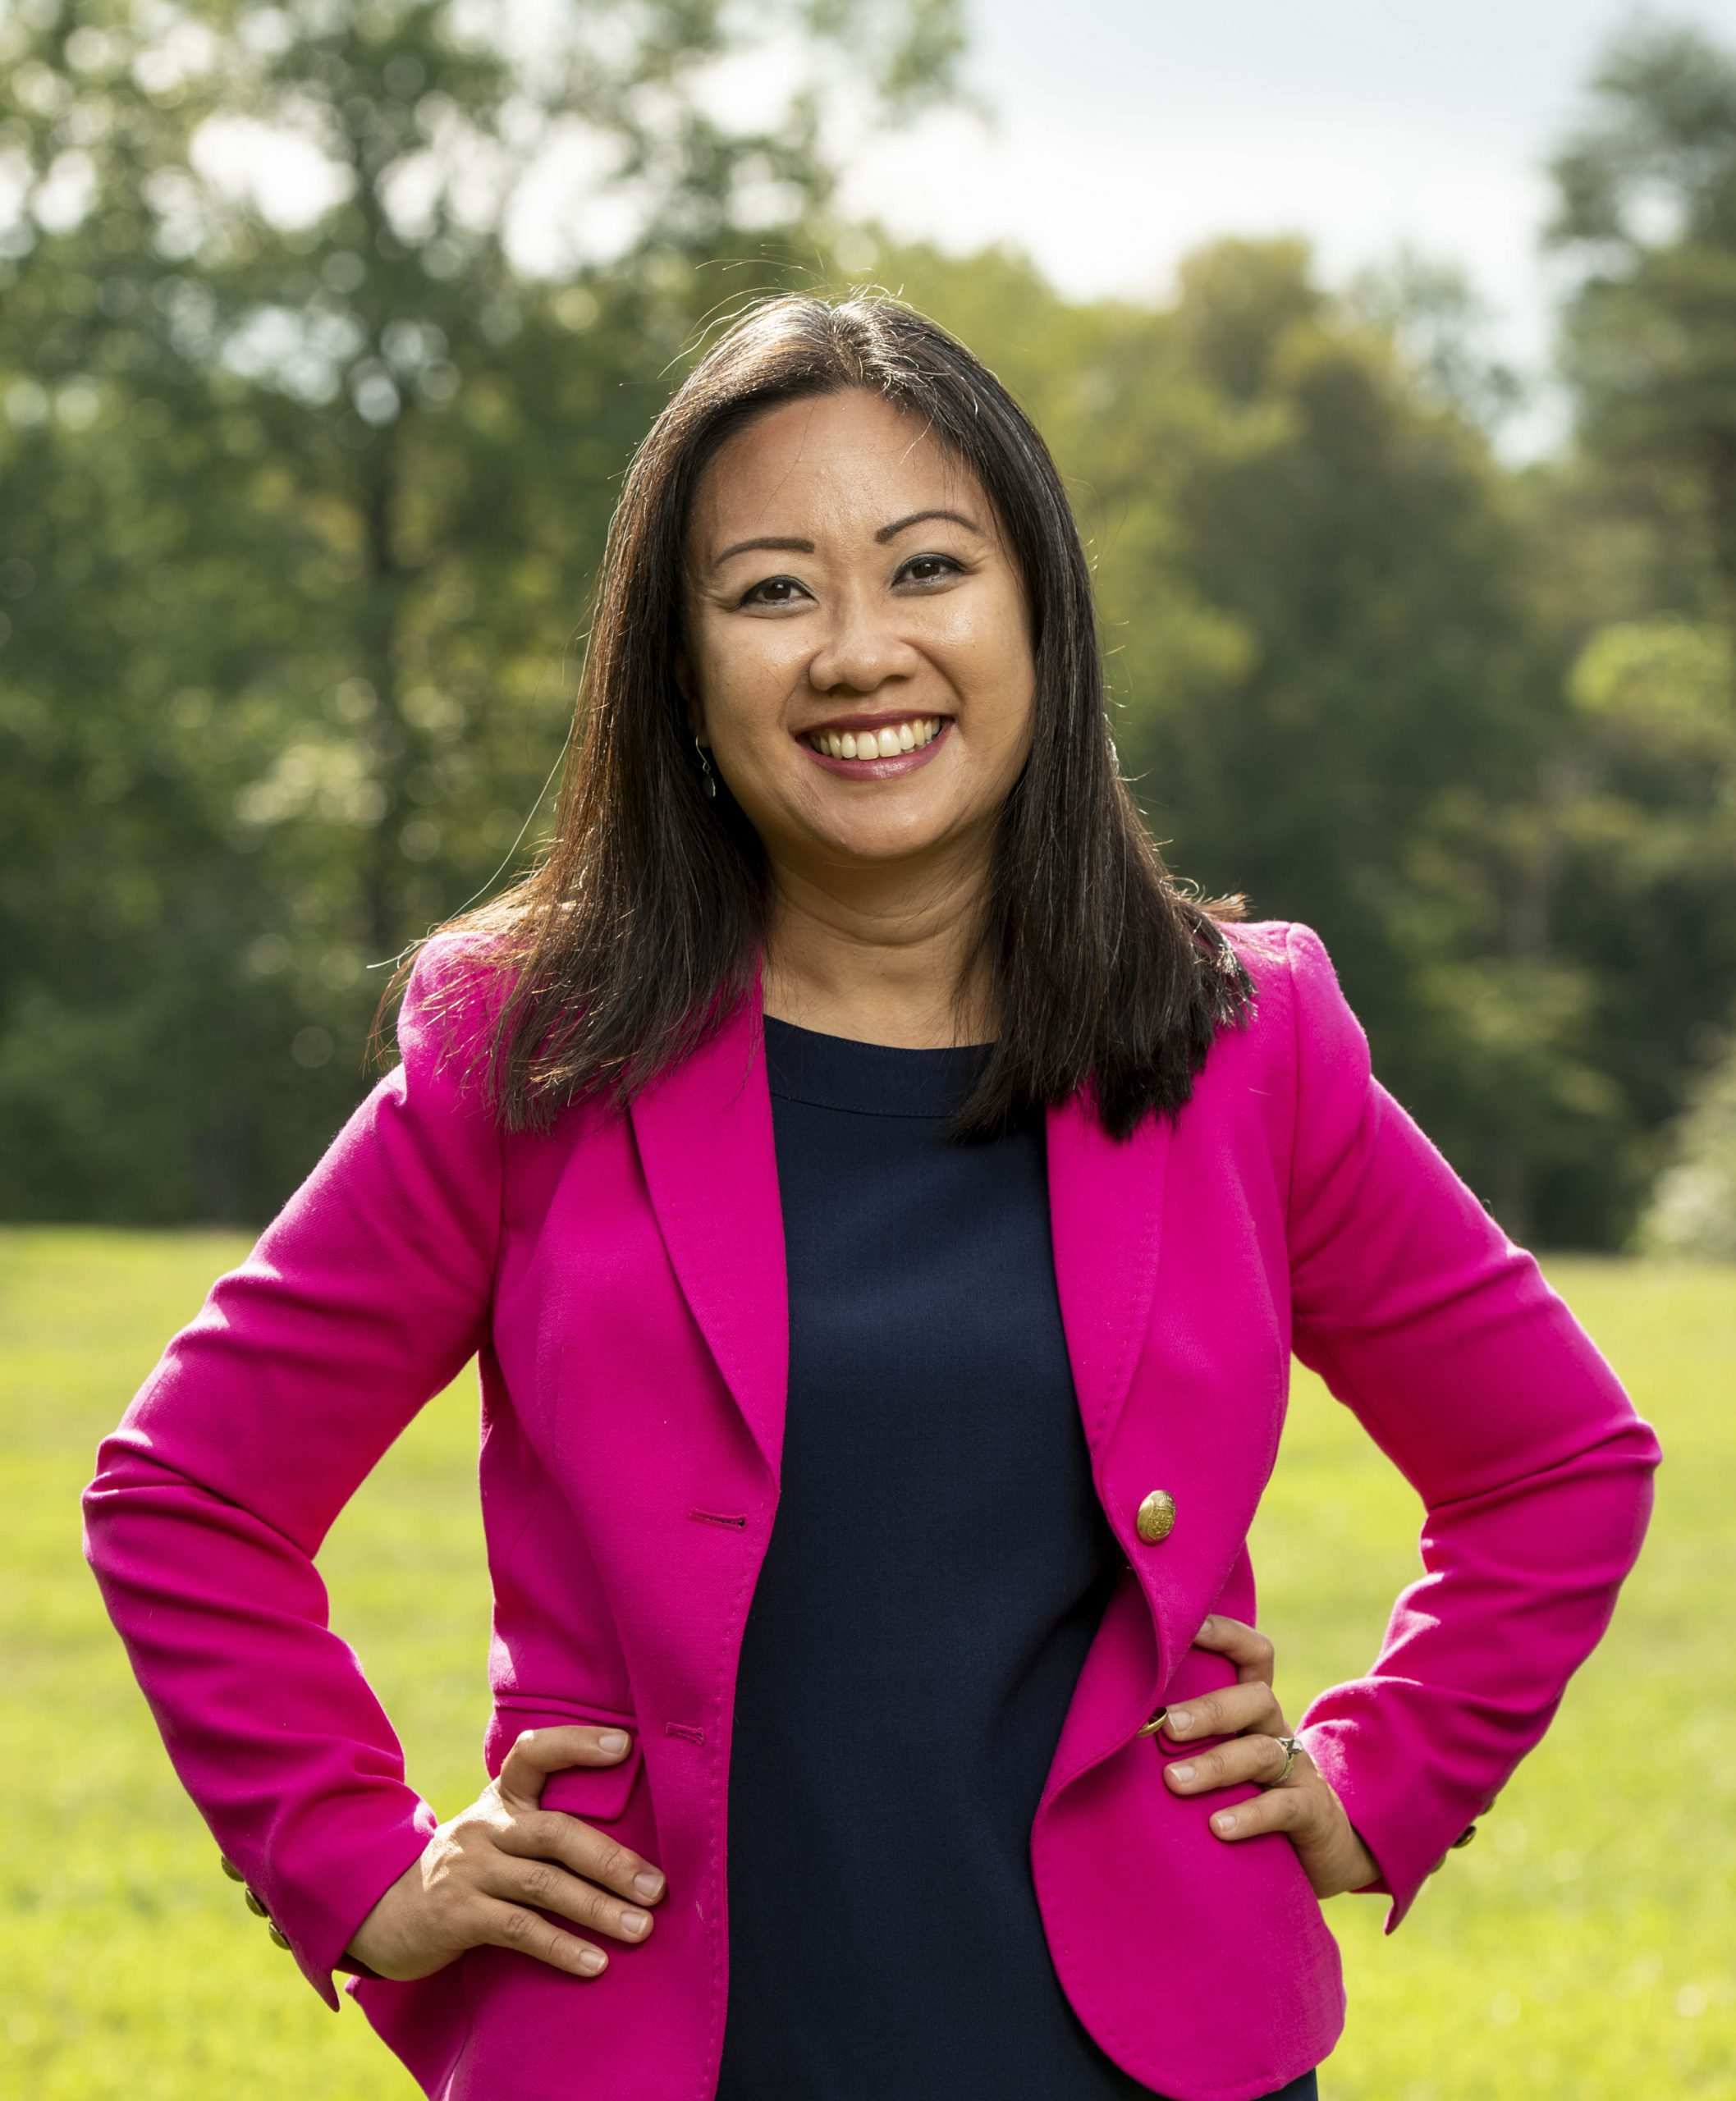 Delegate Kathy KL Tran